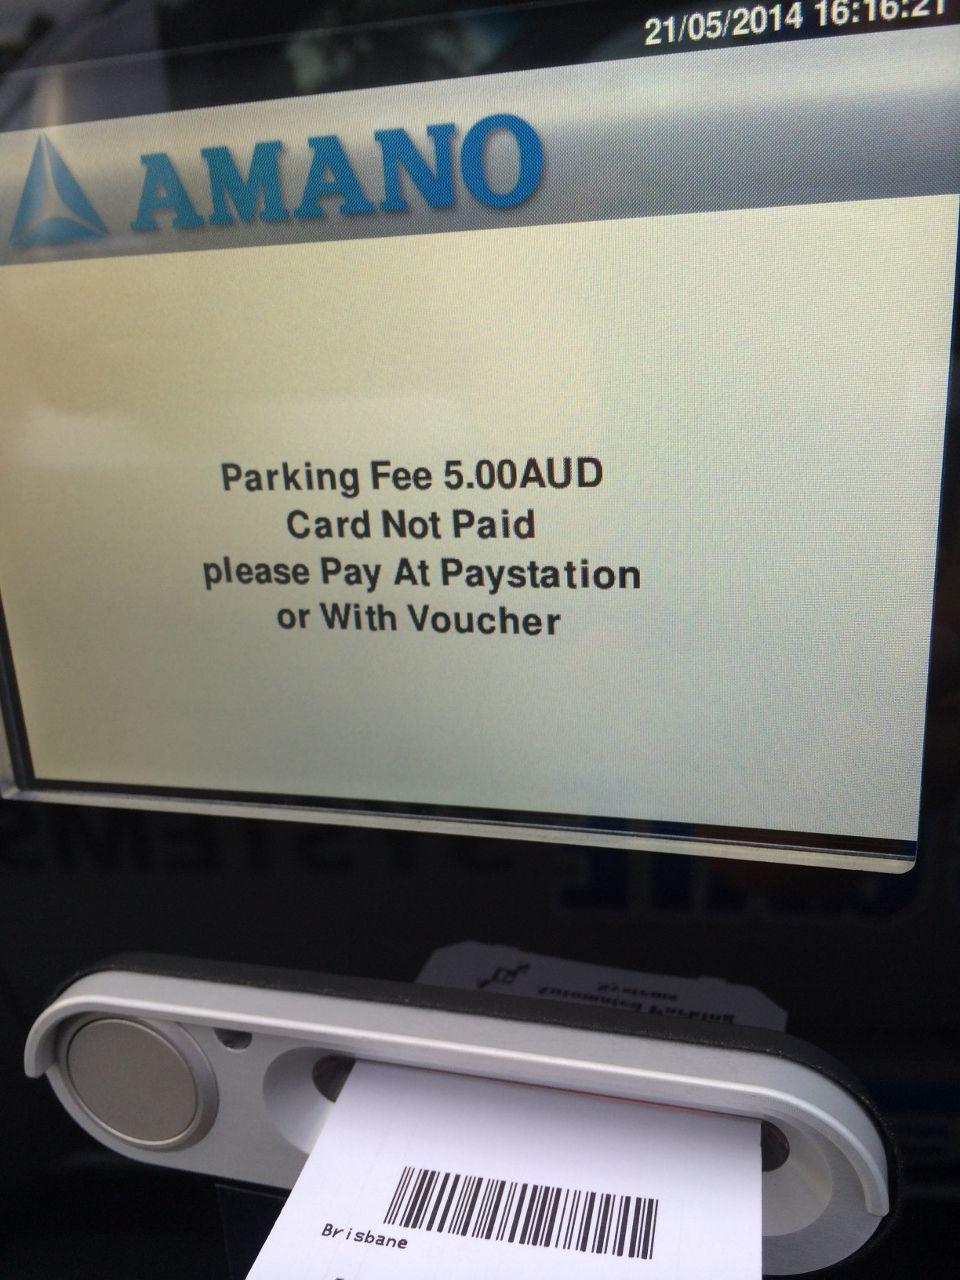 Parking Ticket Machine System Laver Drive Car Park